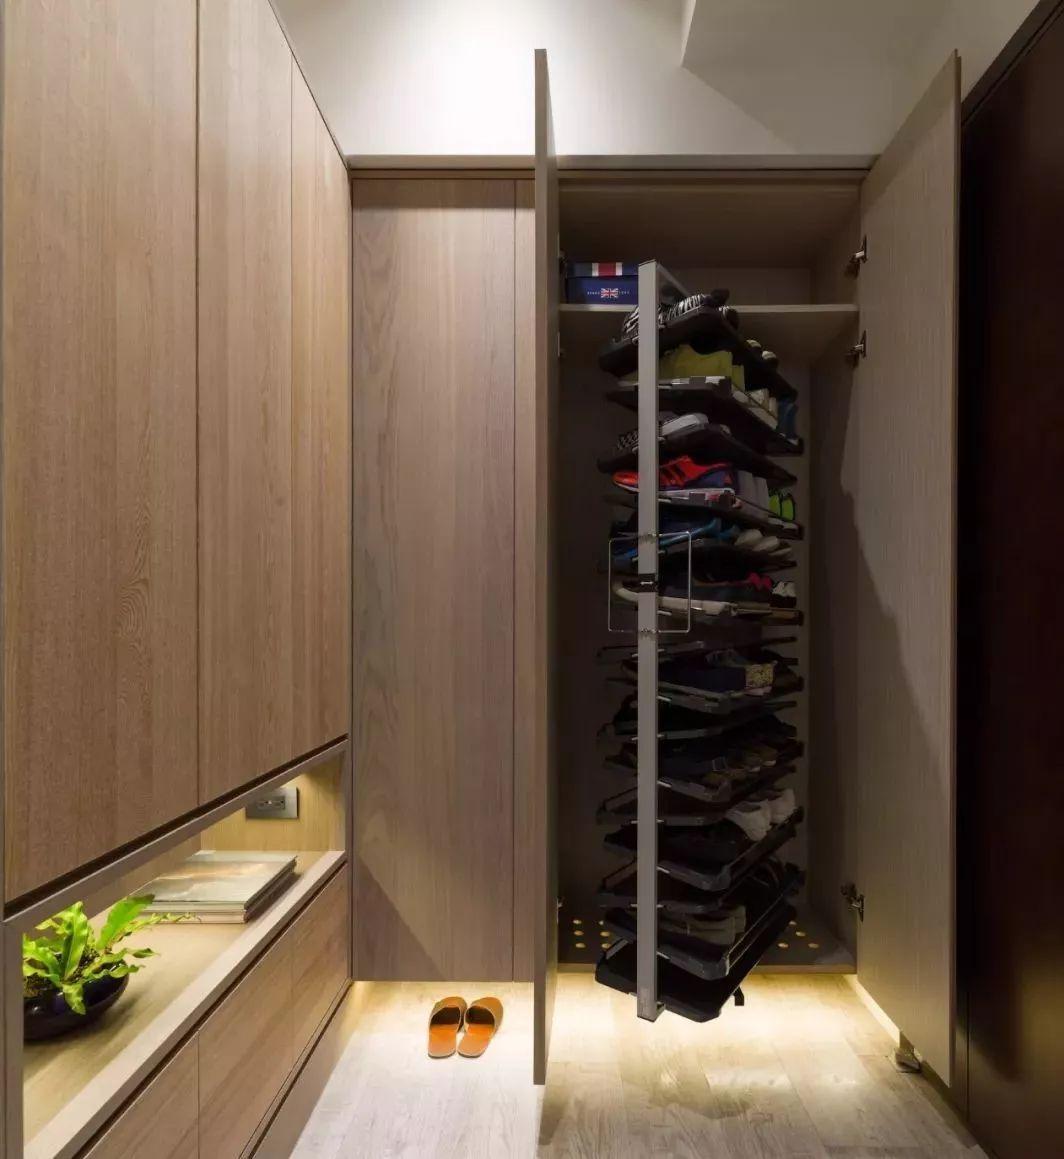 好看的鞋柜千篇一律,好用的鞋柜这样设计